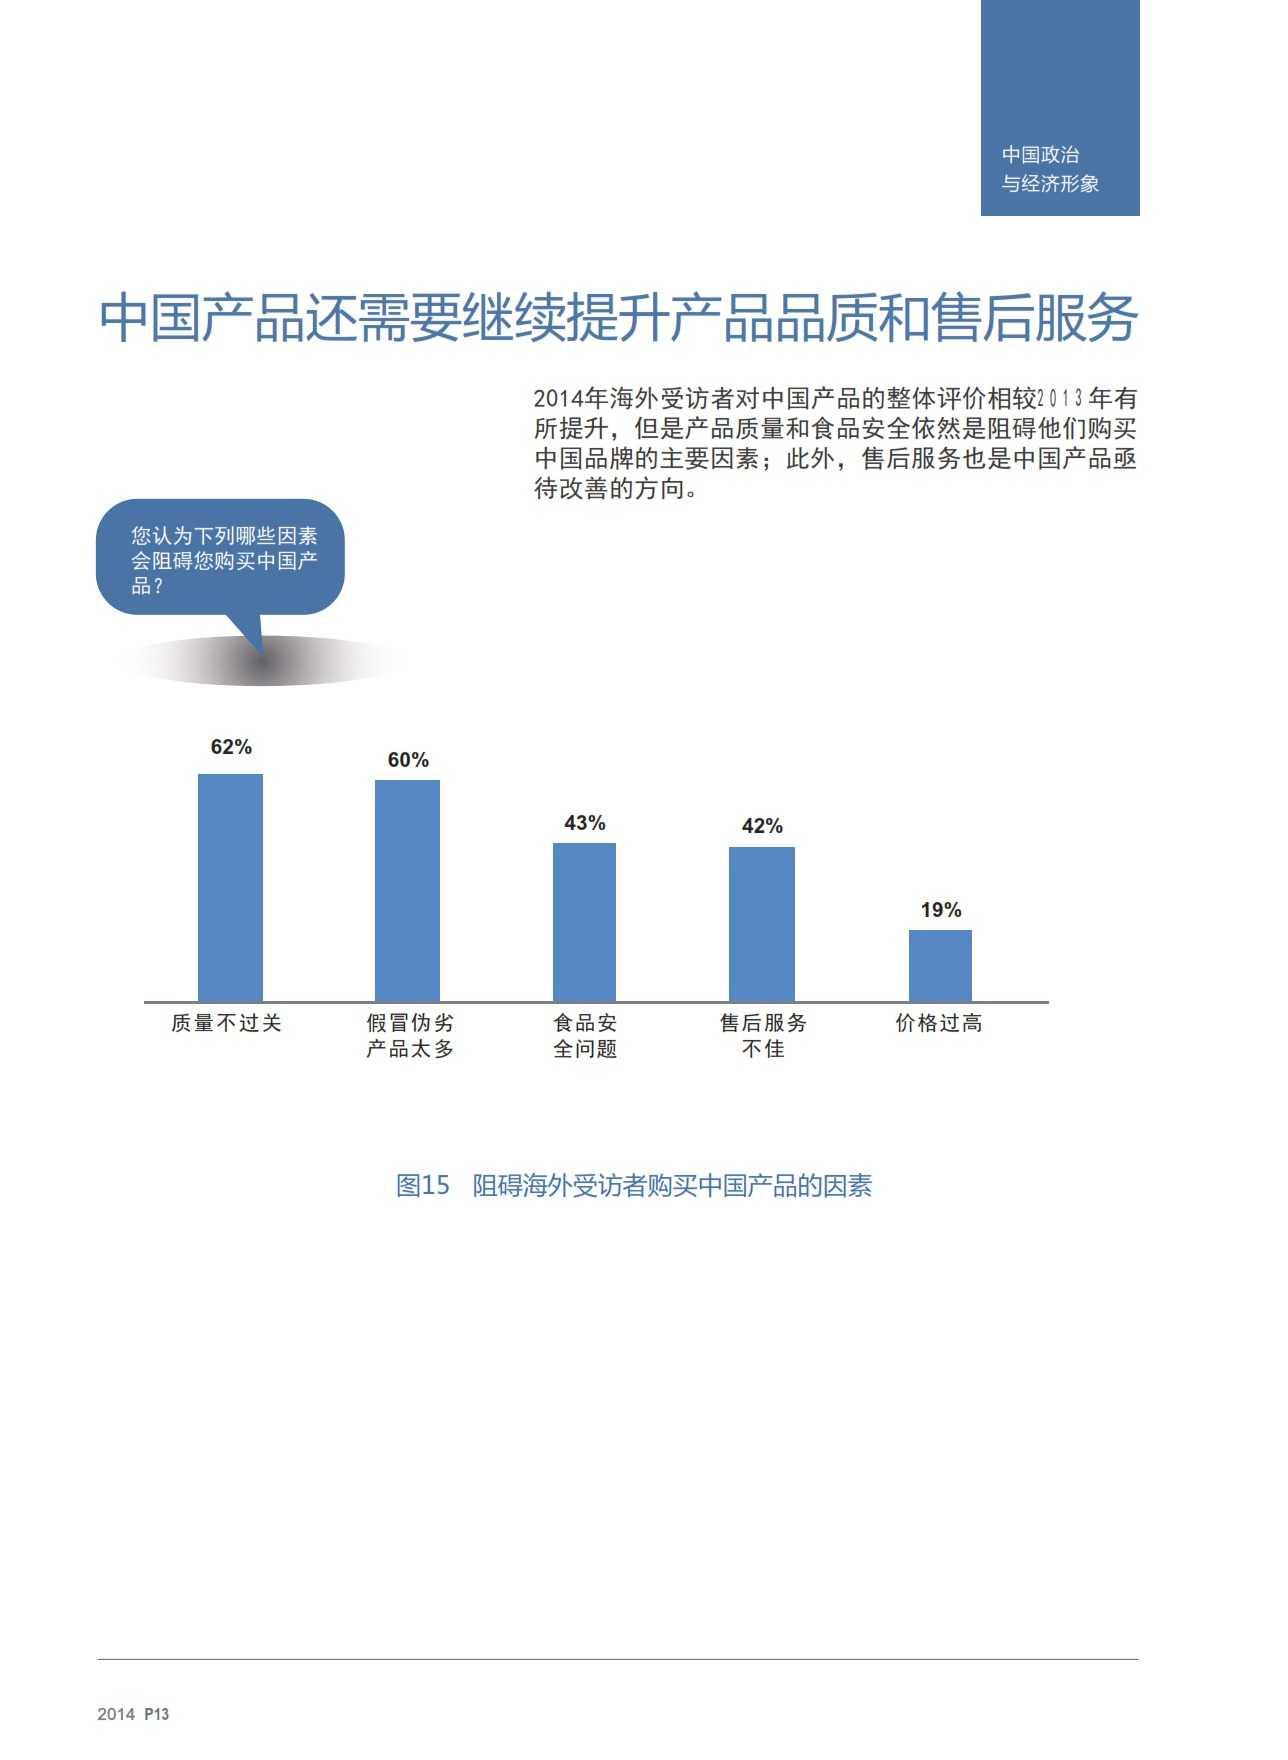 2014中国国家形象全球调查报告-v17_012